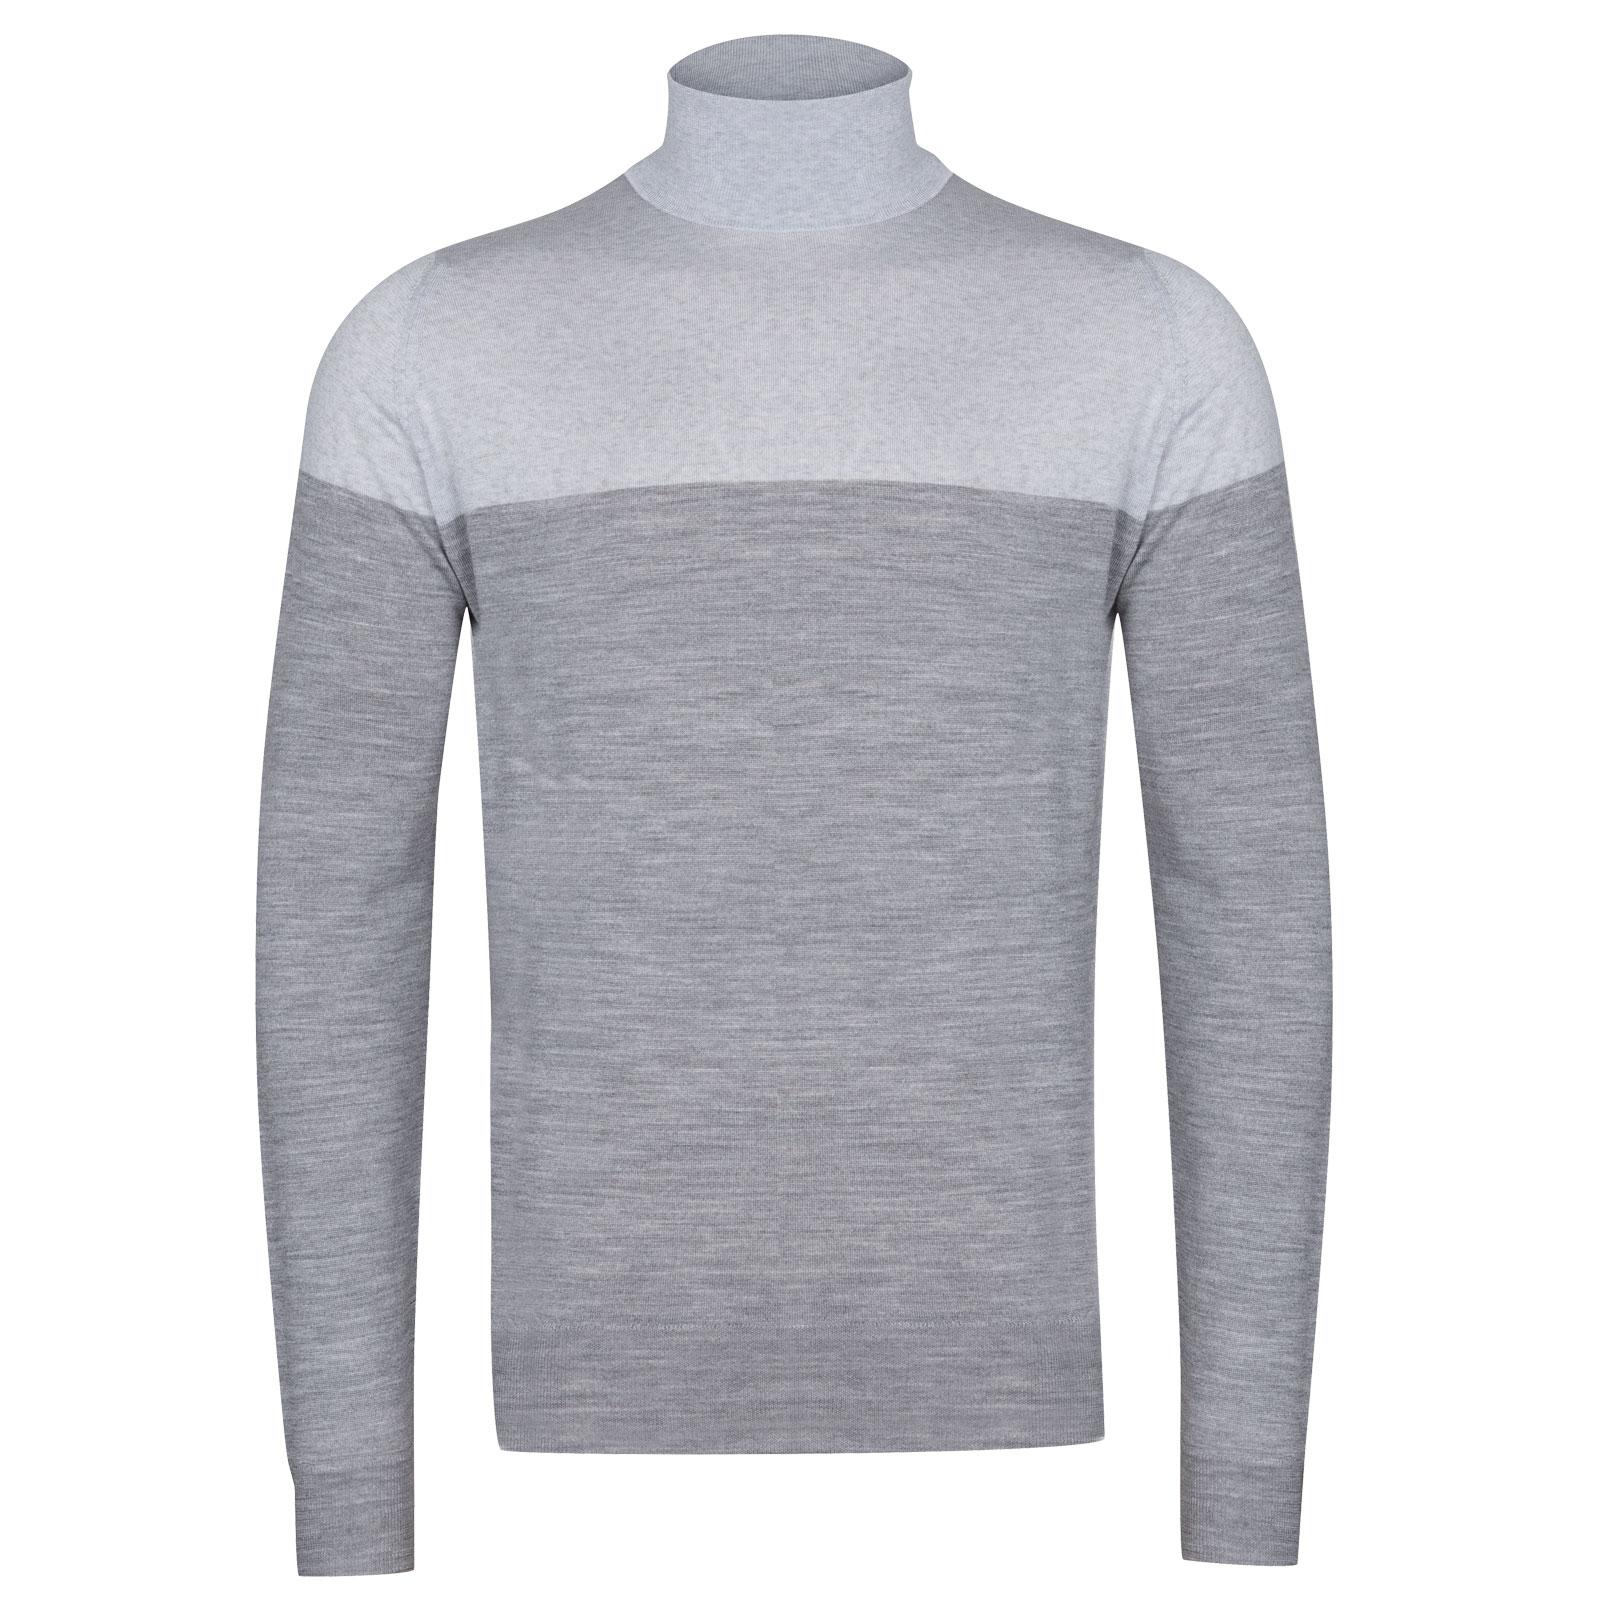 John Smedley Iago Extra Fine Merino Pullover in Silver-XL